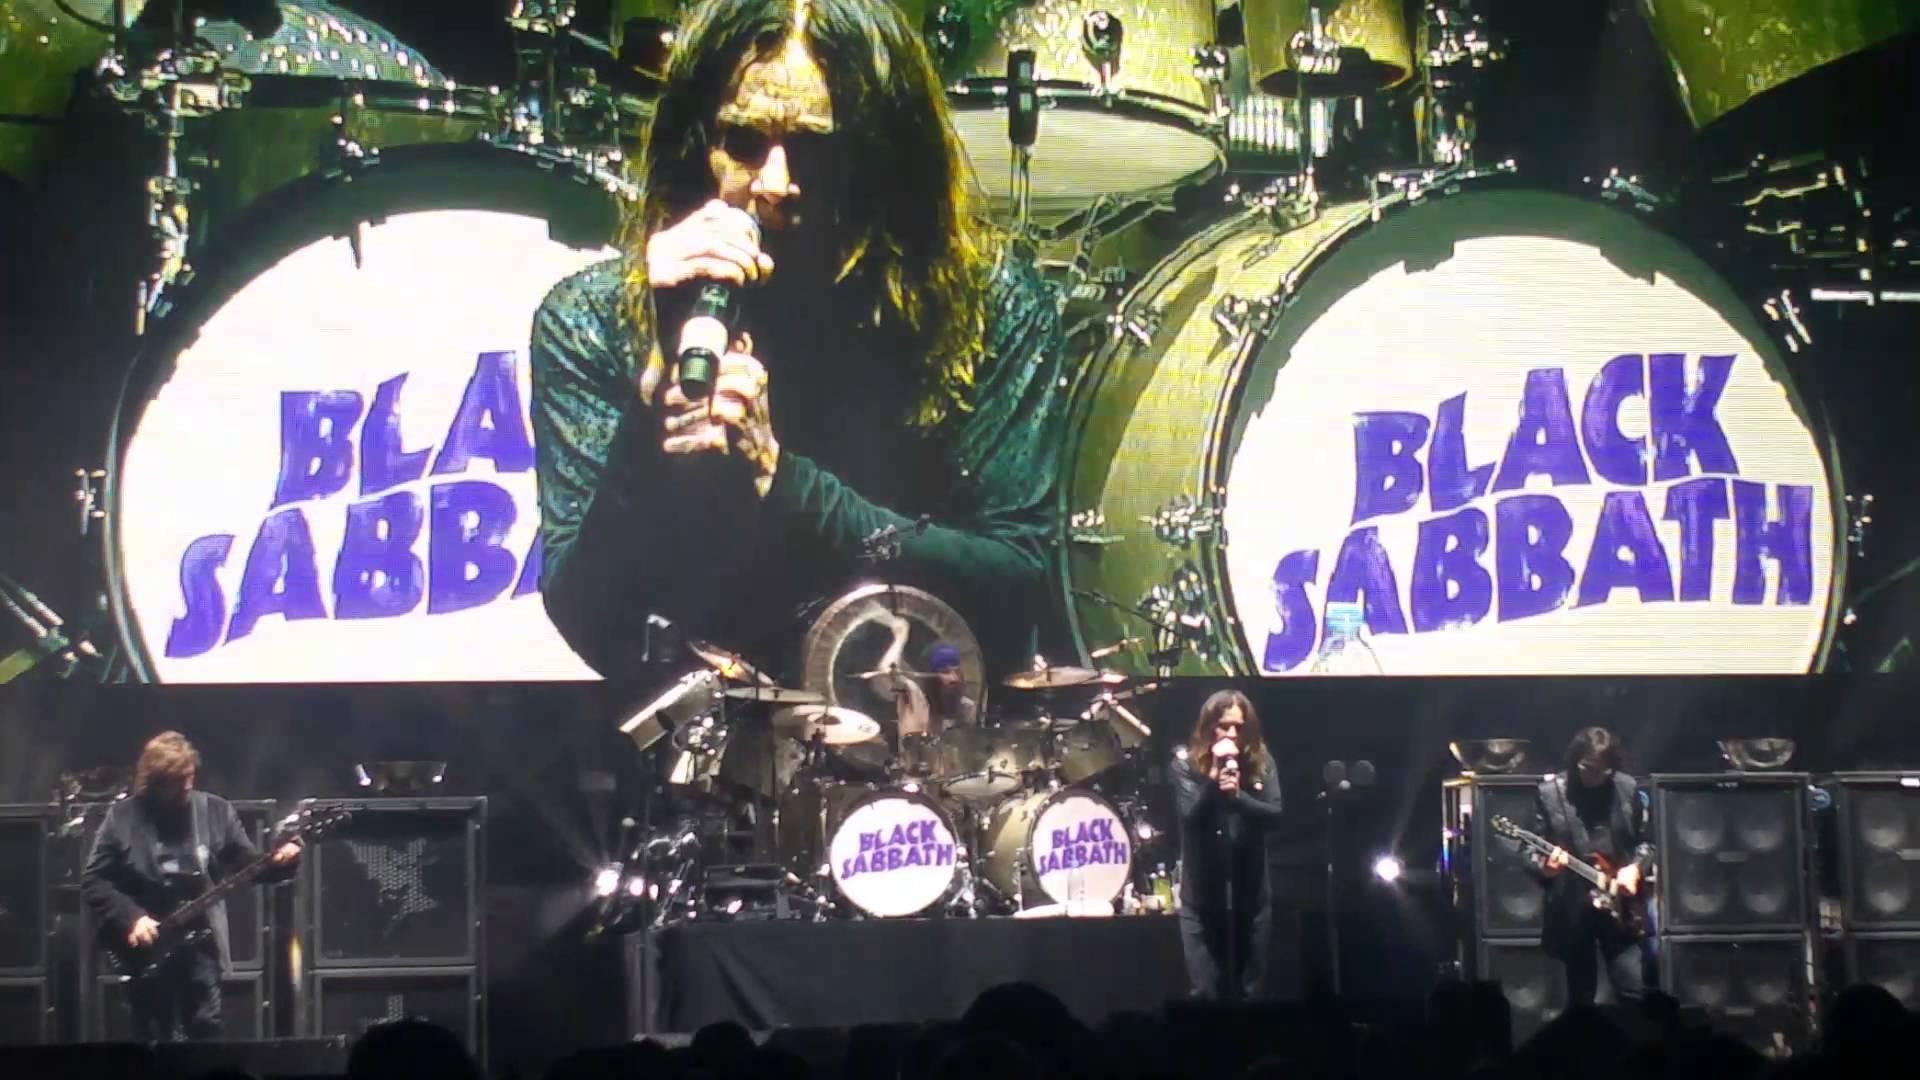 Black Sabbath confirmado! Confiram o setlist, datas e locais dos shows no Brasil